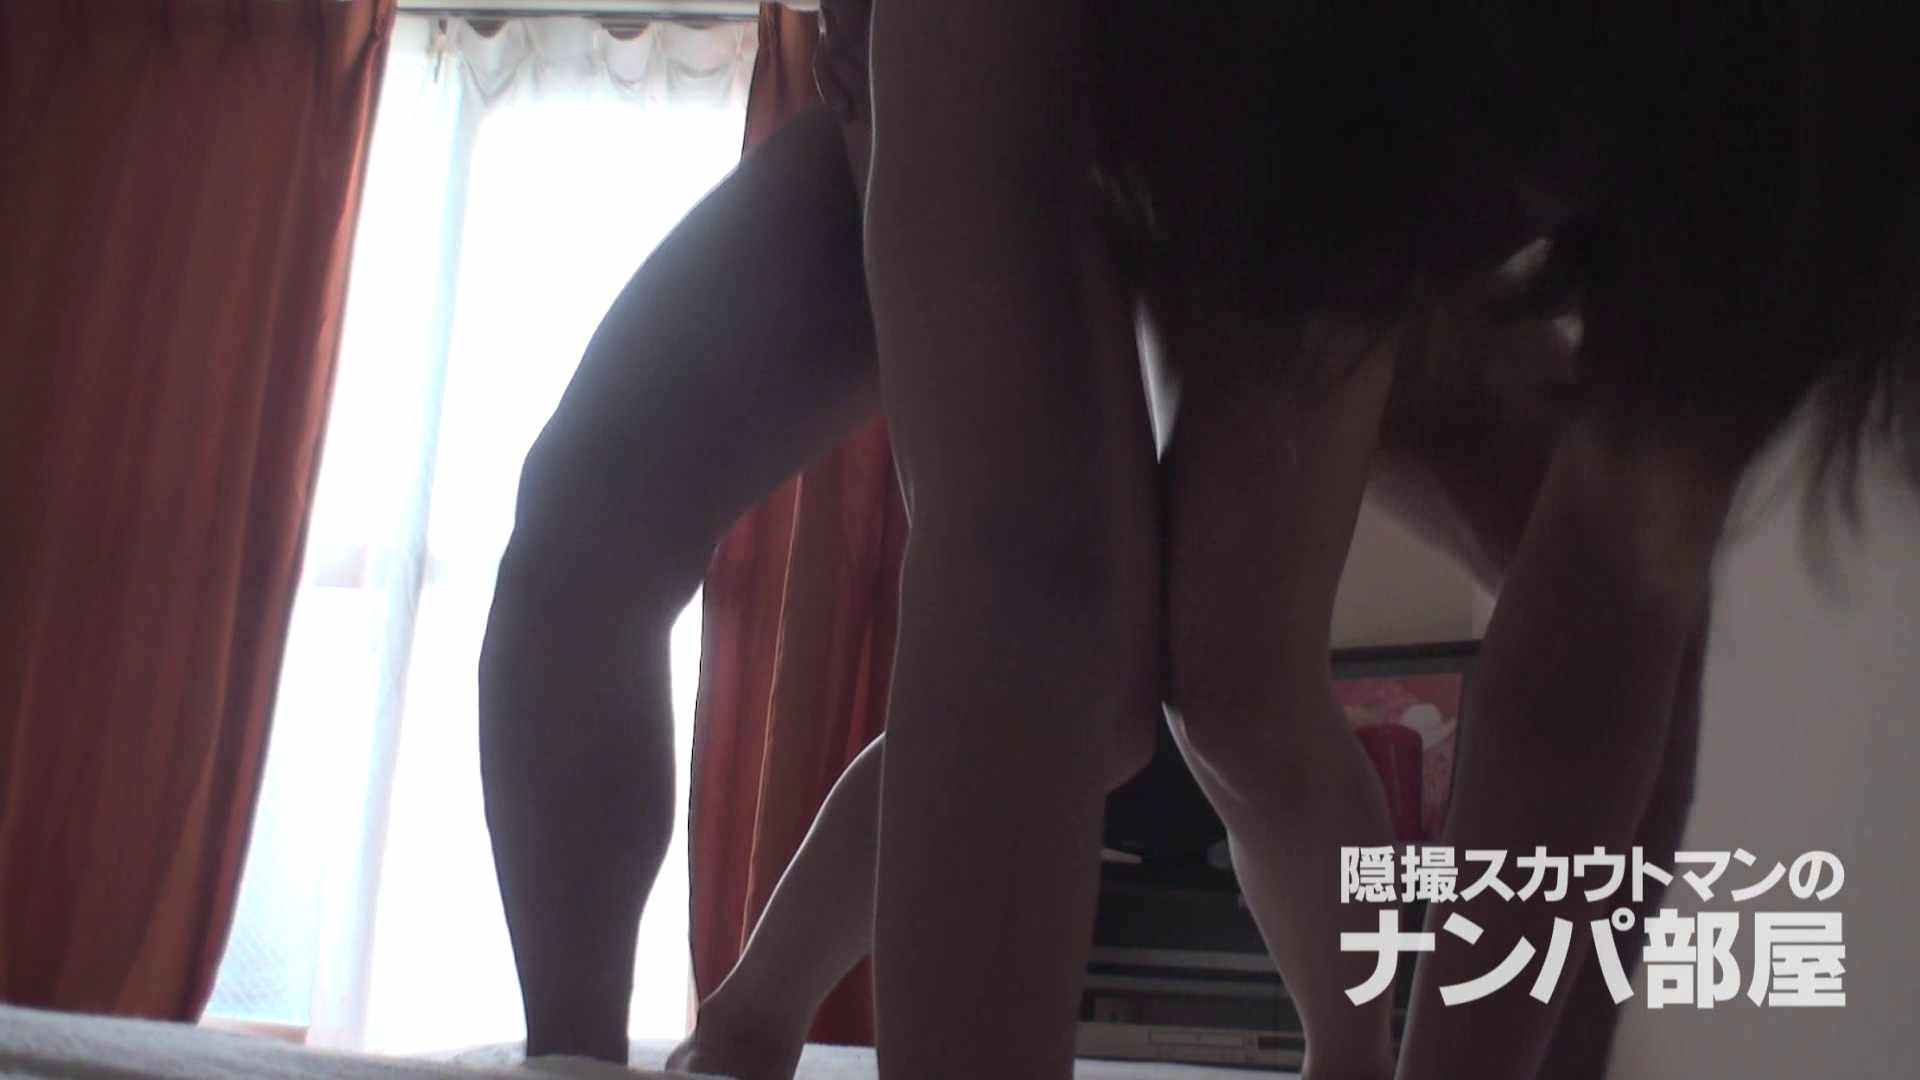 隠撮スカウトマンのナンパ部屋~風俗デビュー前のつまみ食い~ siivol.4 ナンパ おめこ無修正画像 57PIX 54